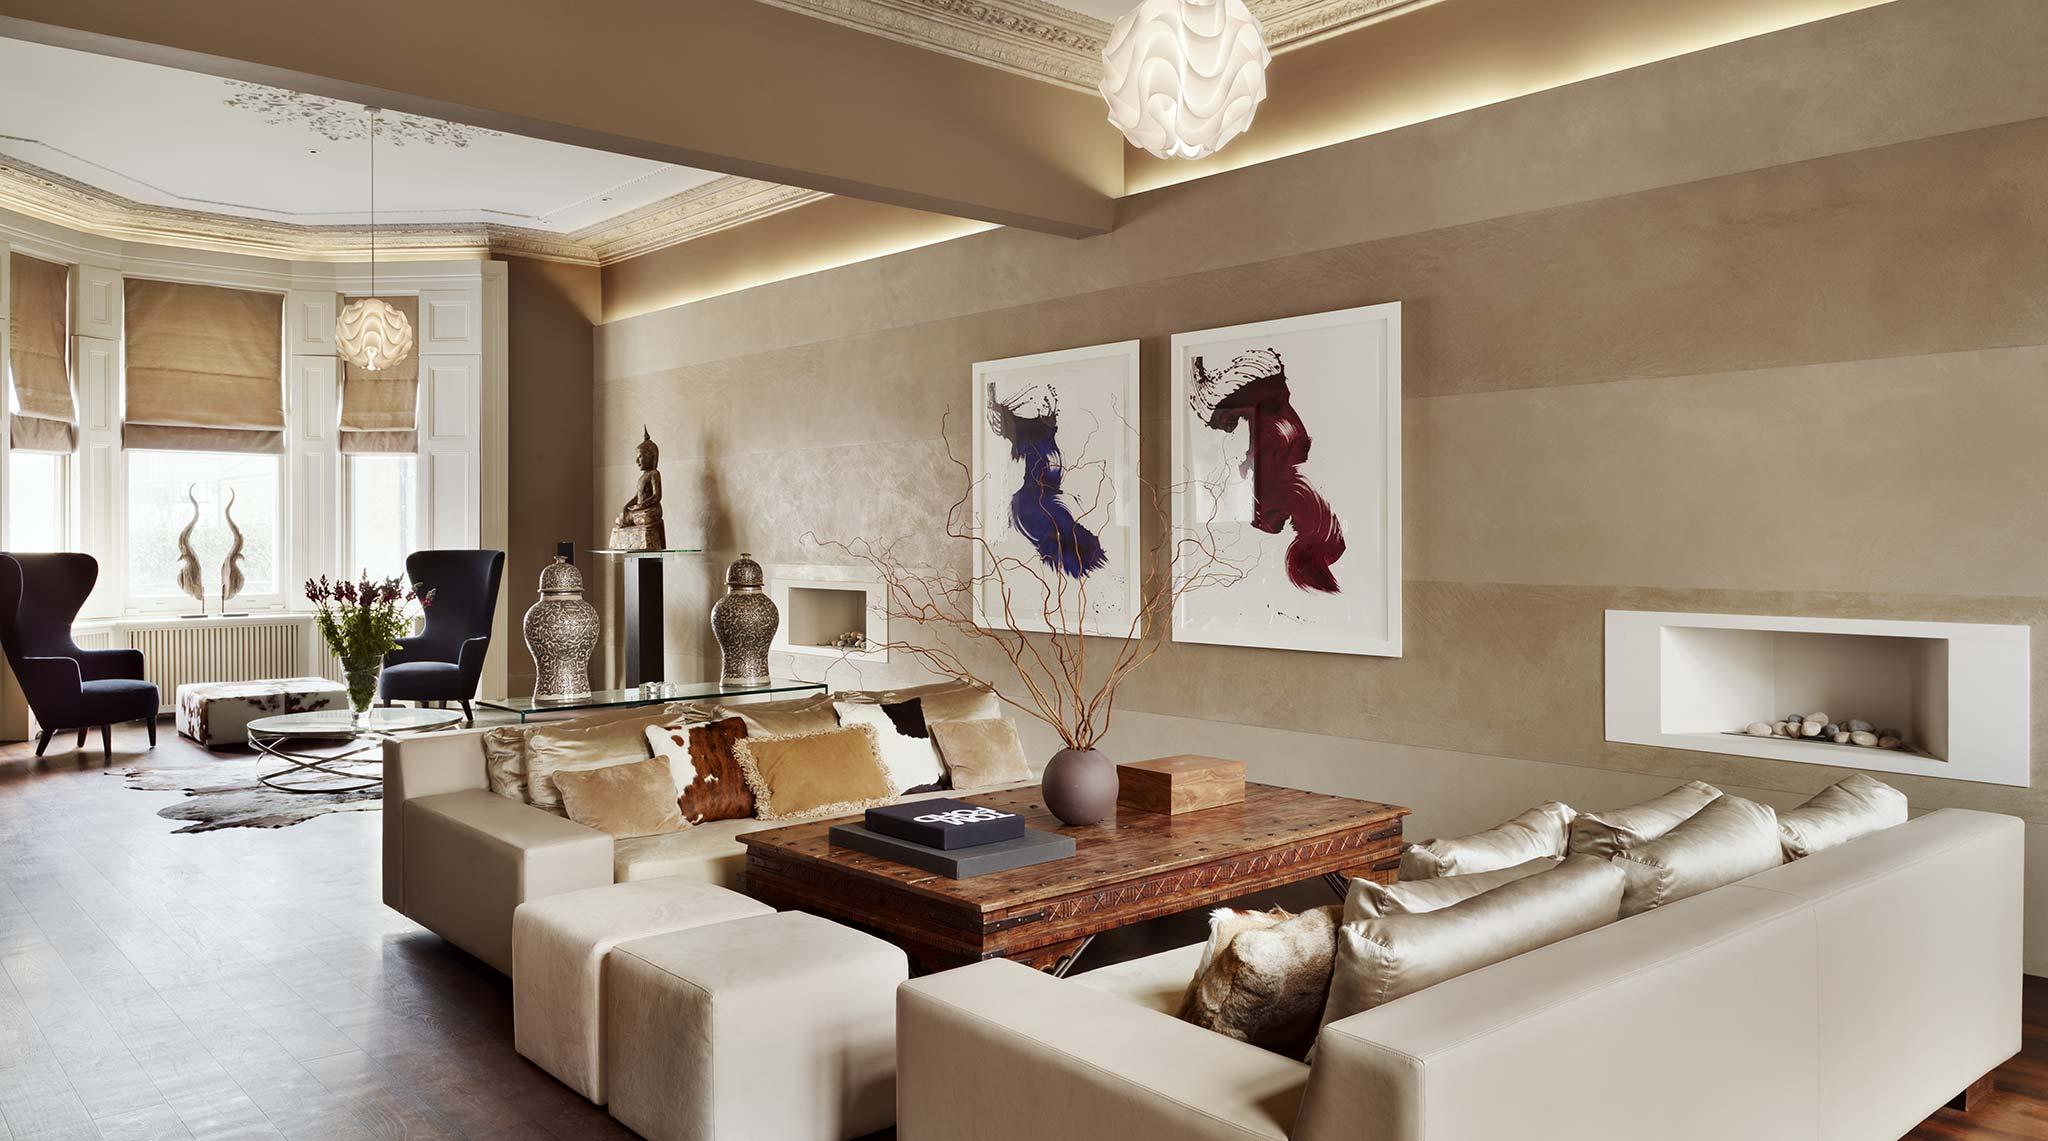 Living Room Interior Architecture